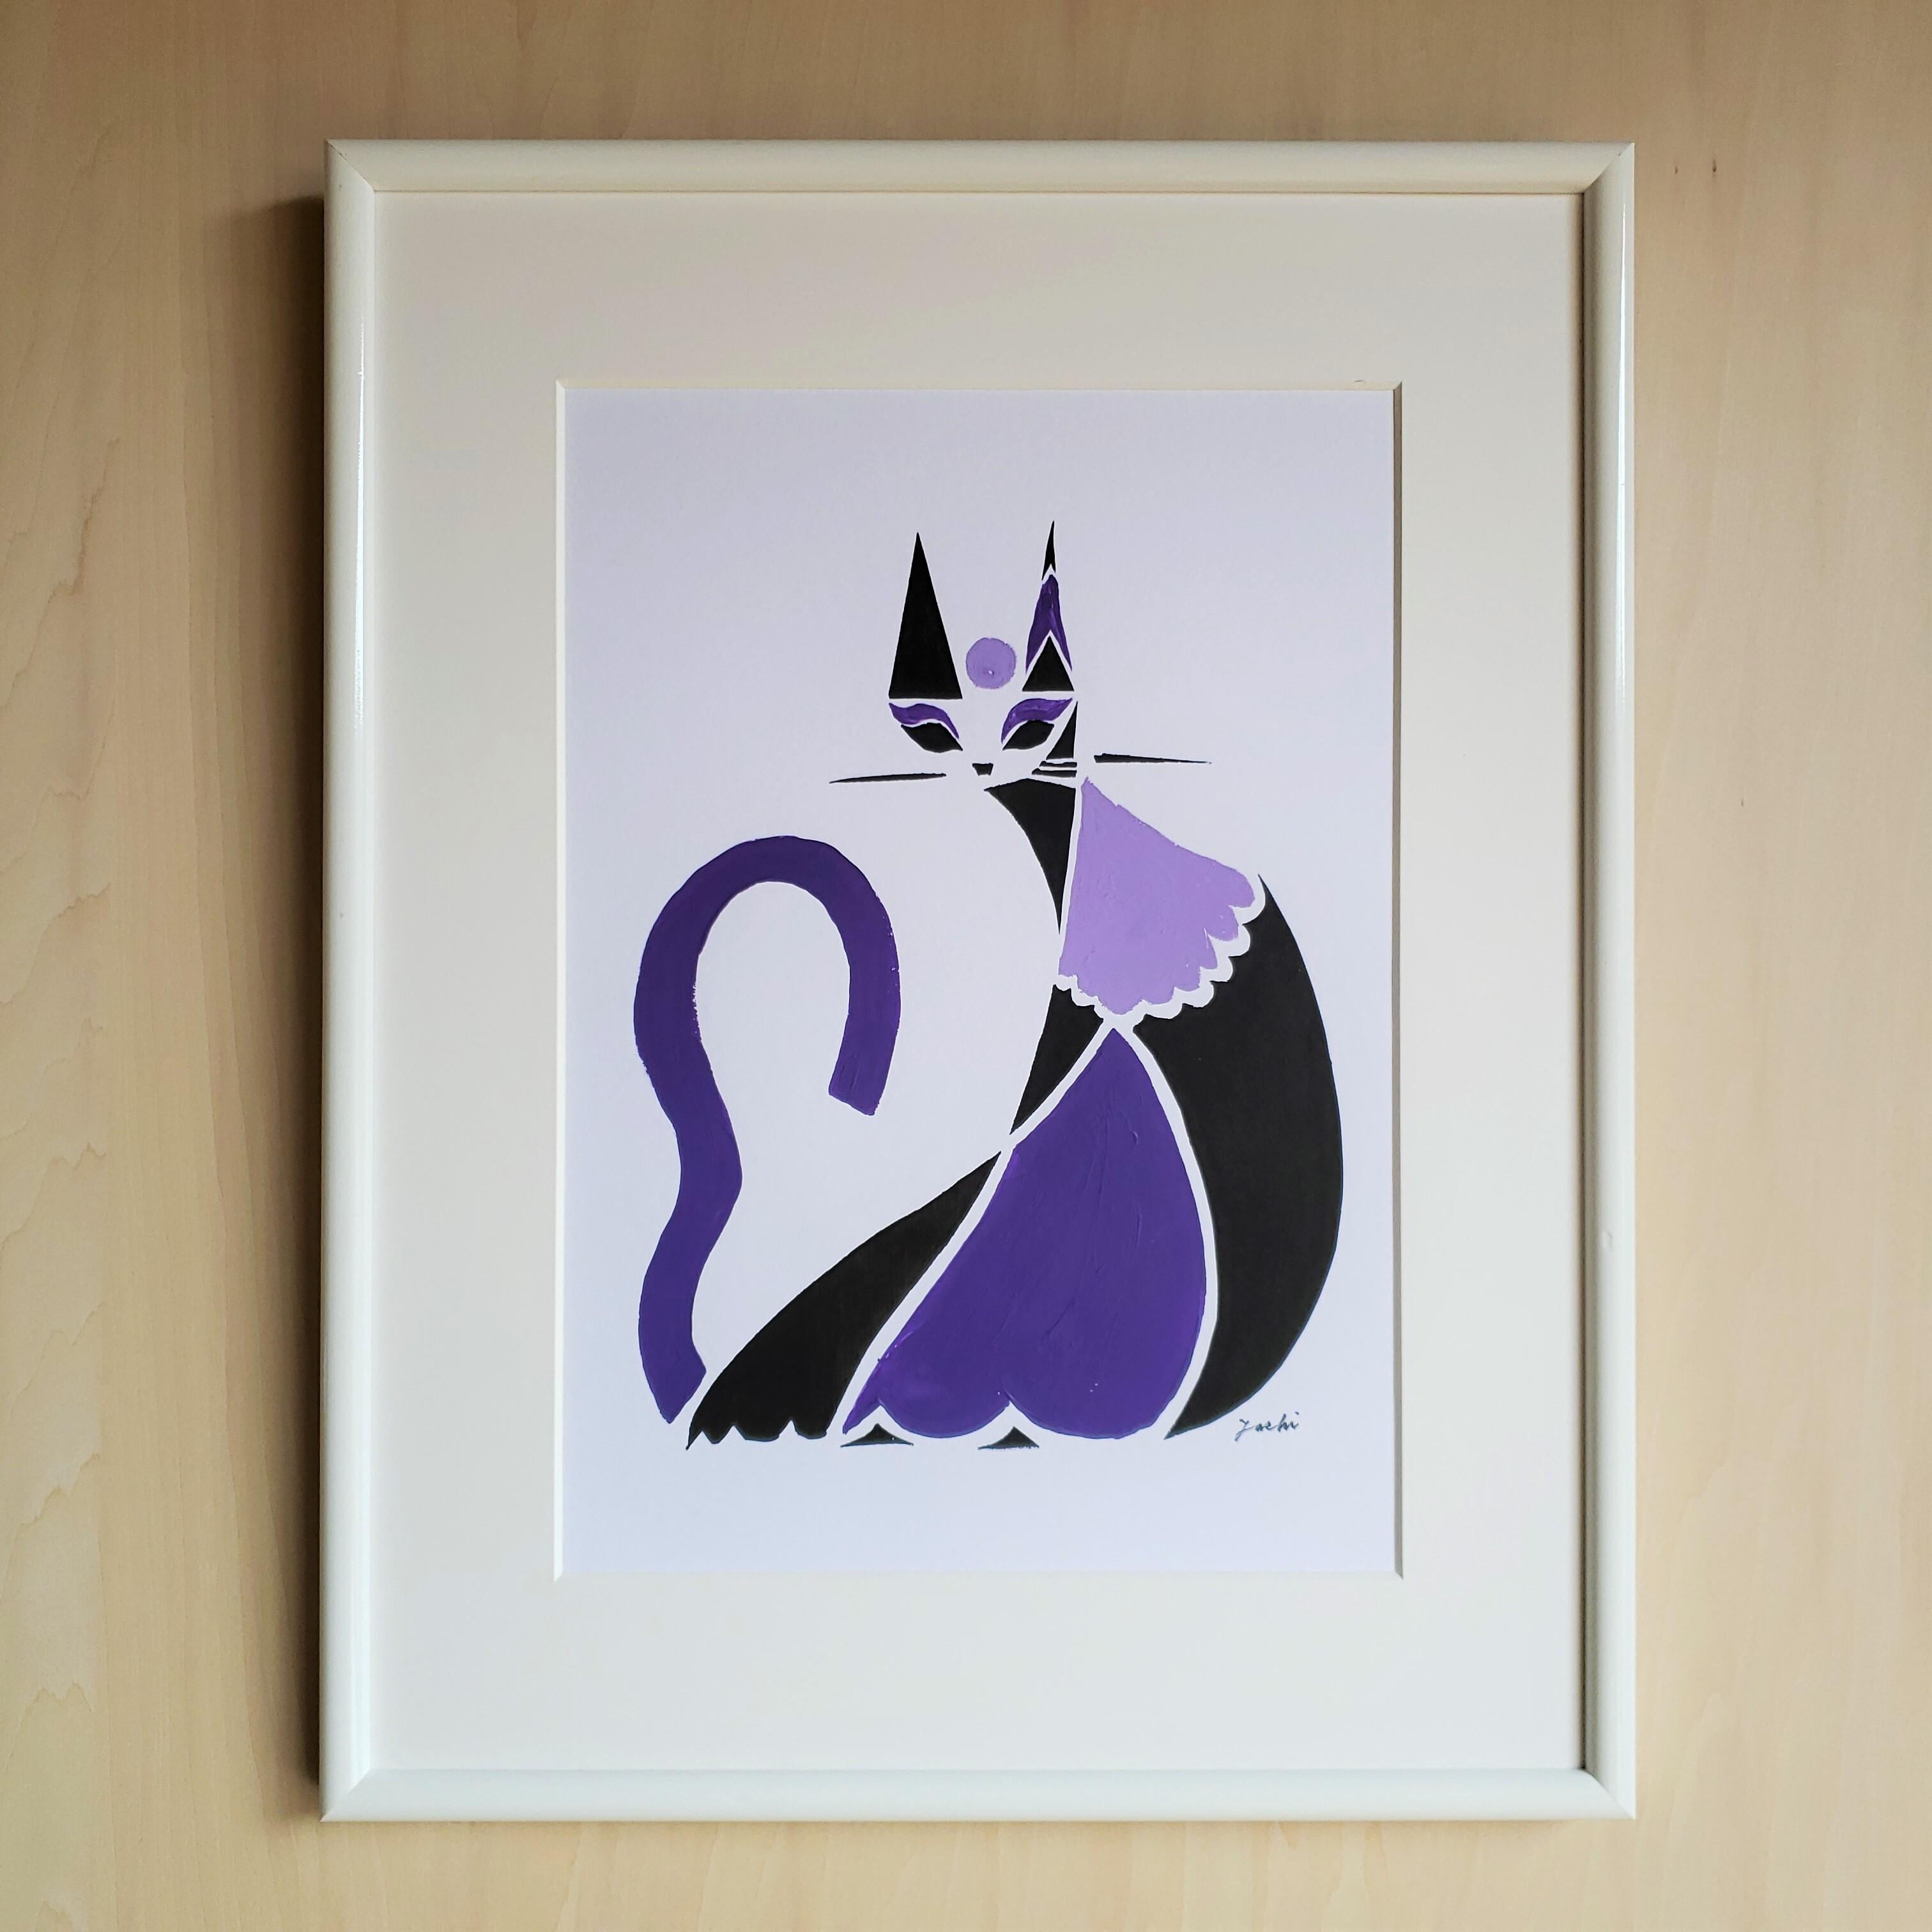 【原画レンタル】TTAR_003(cats_violet)